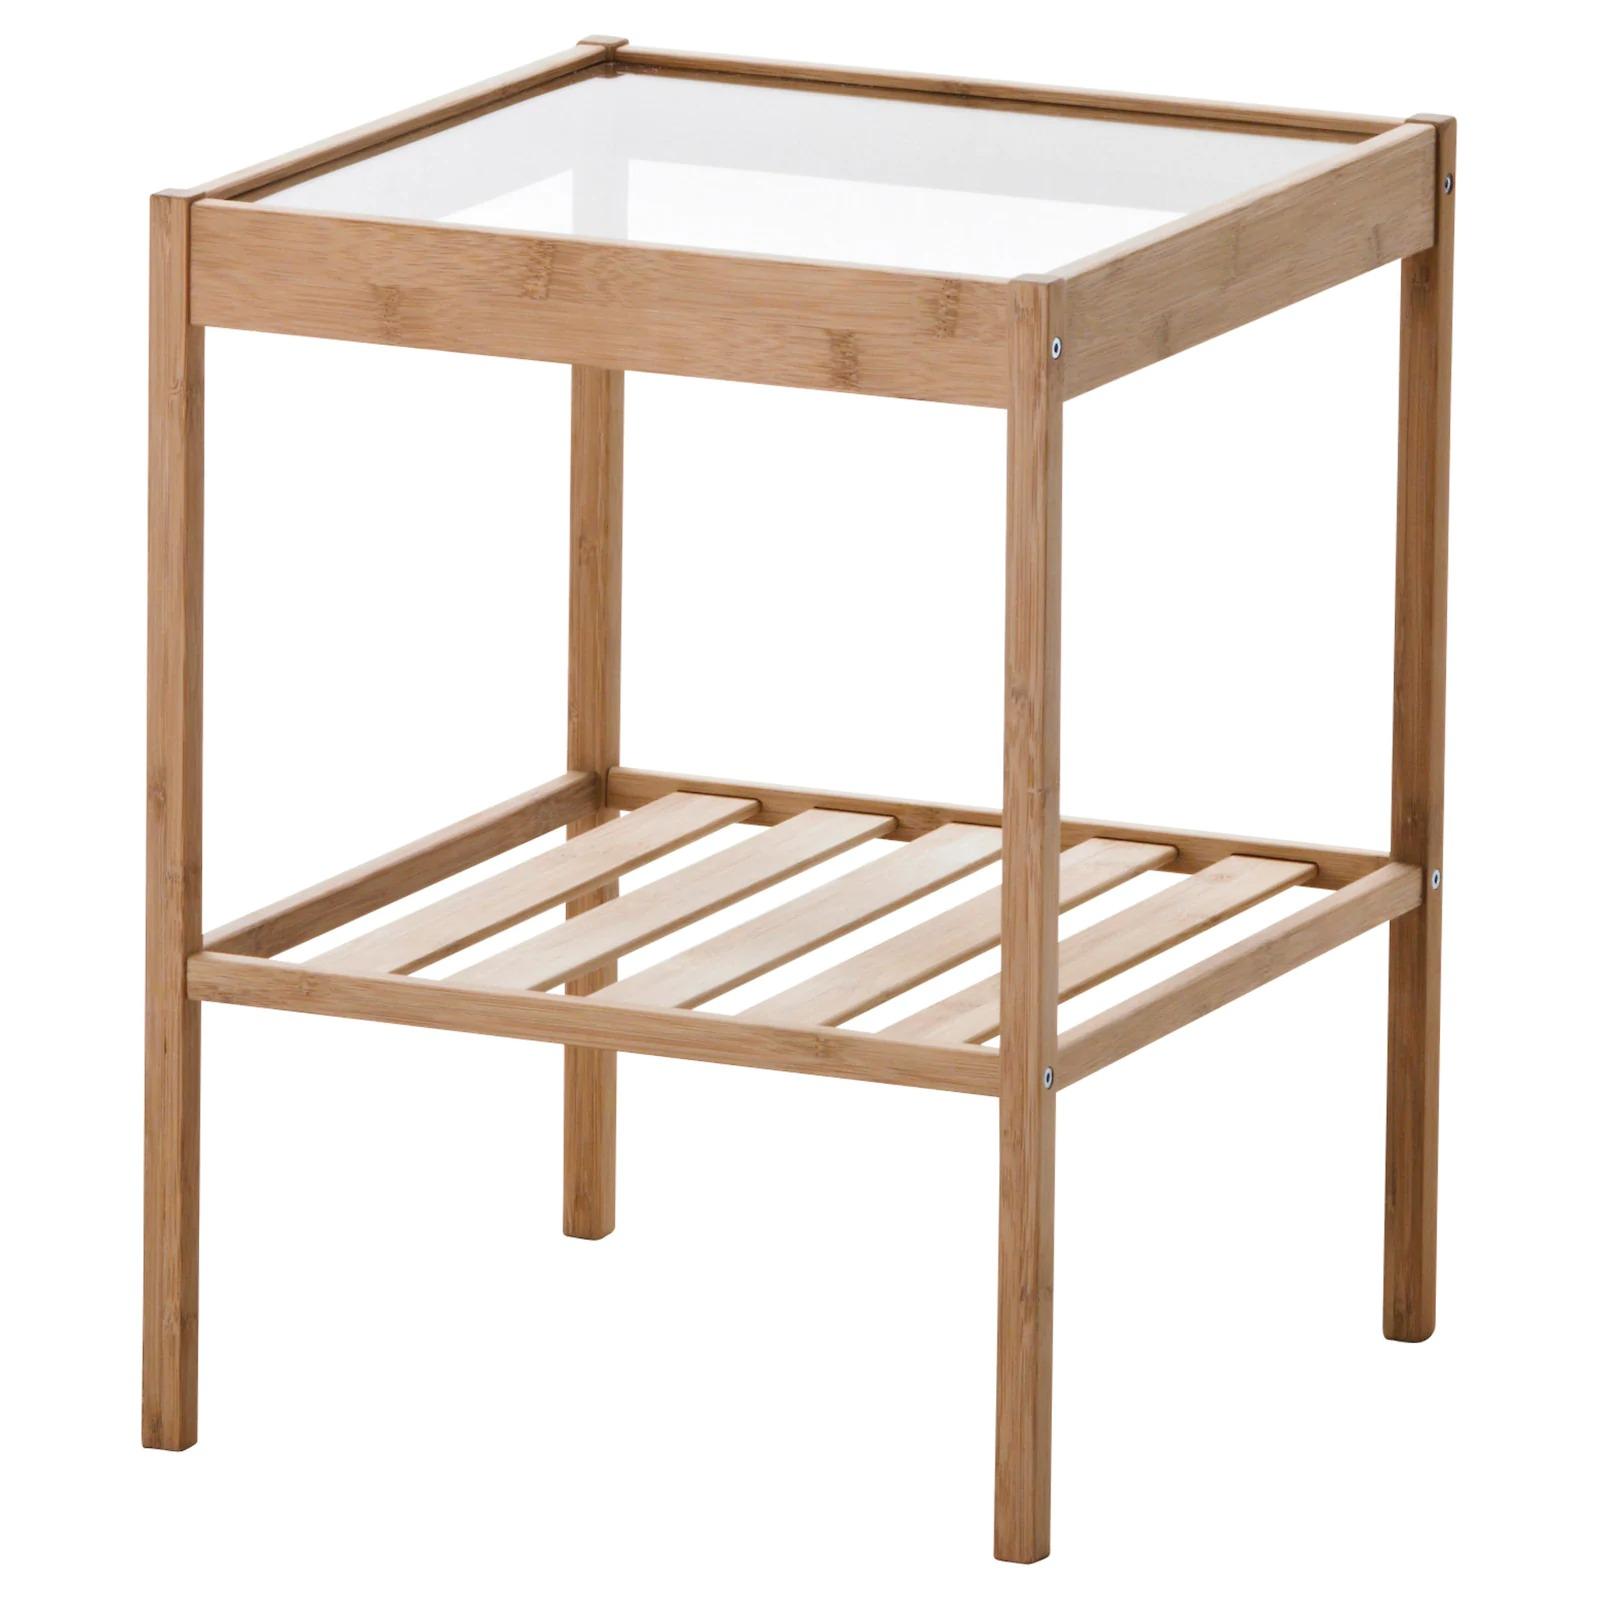 サイドテーブルのおすすめ16選!高さ調整機能付きも